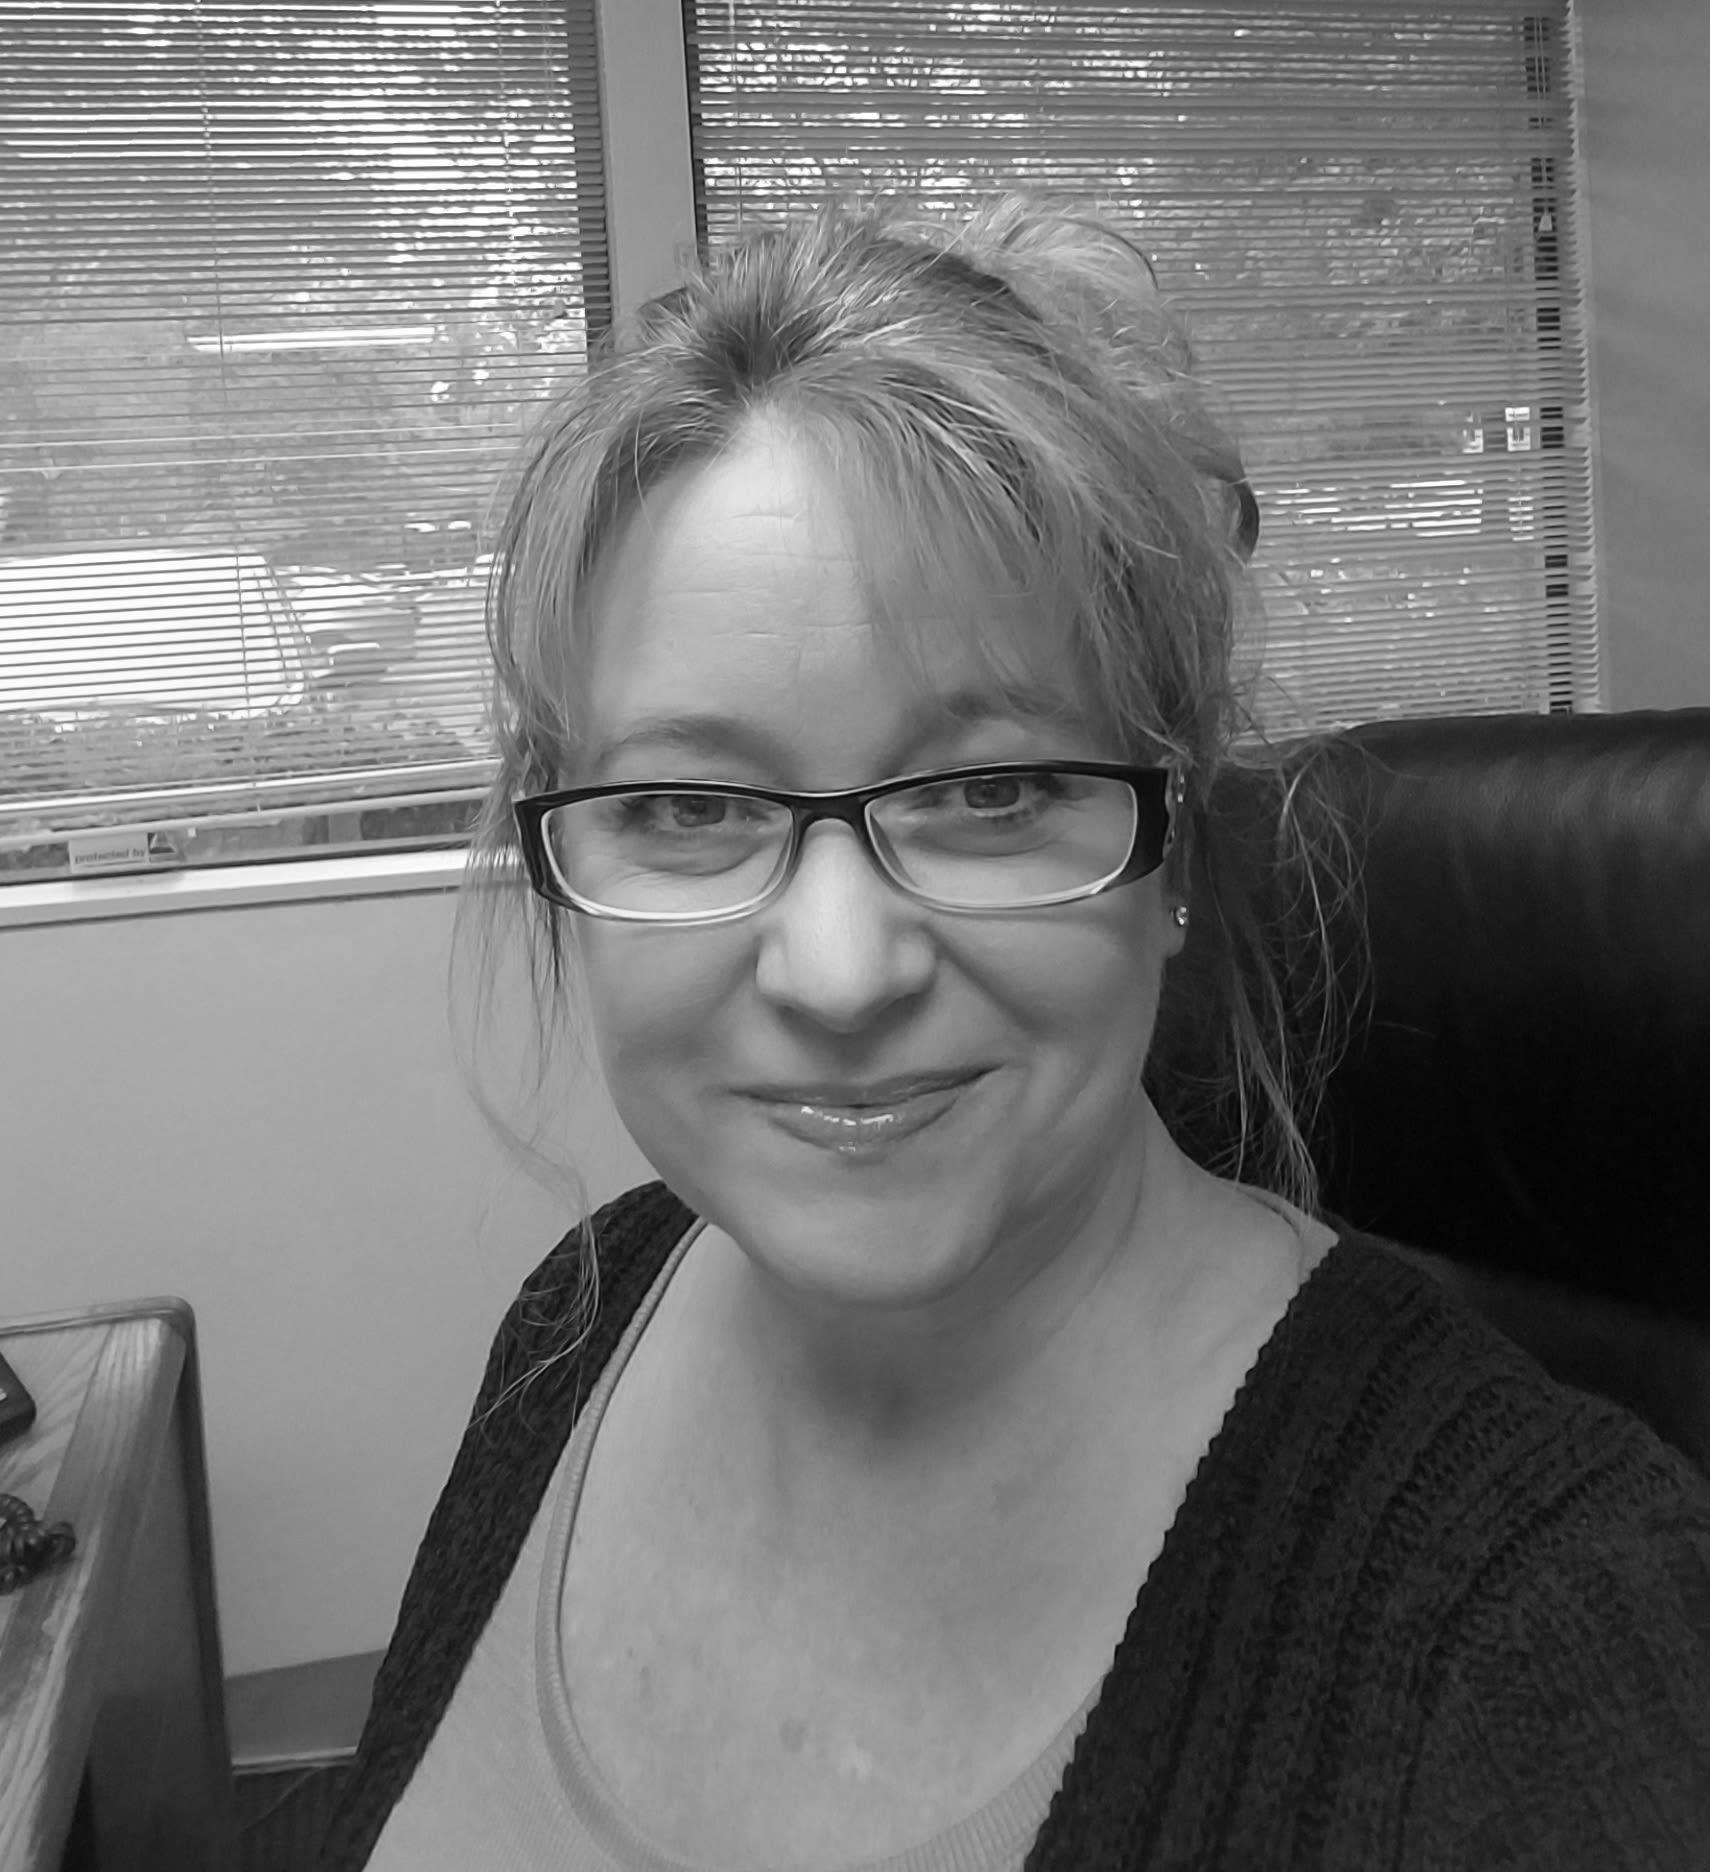 Team member Tammy at The Natoma Company